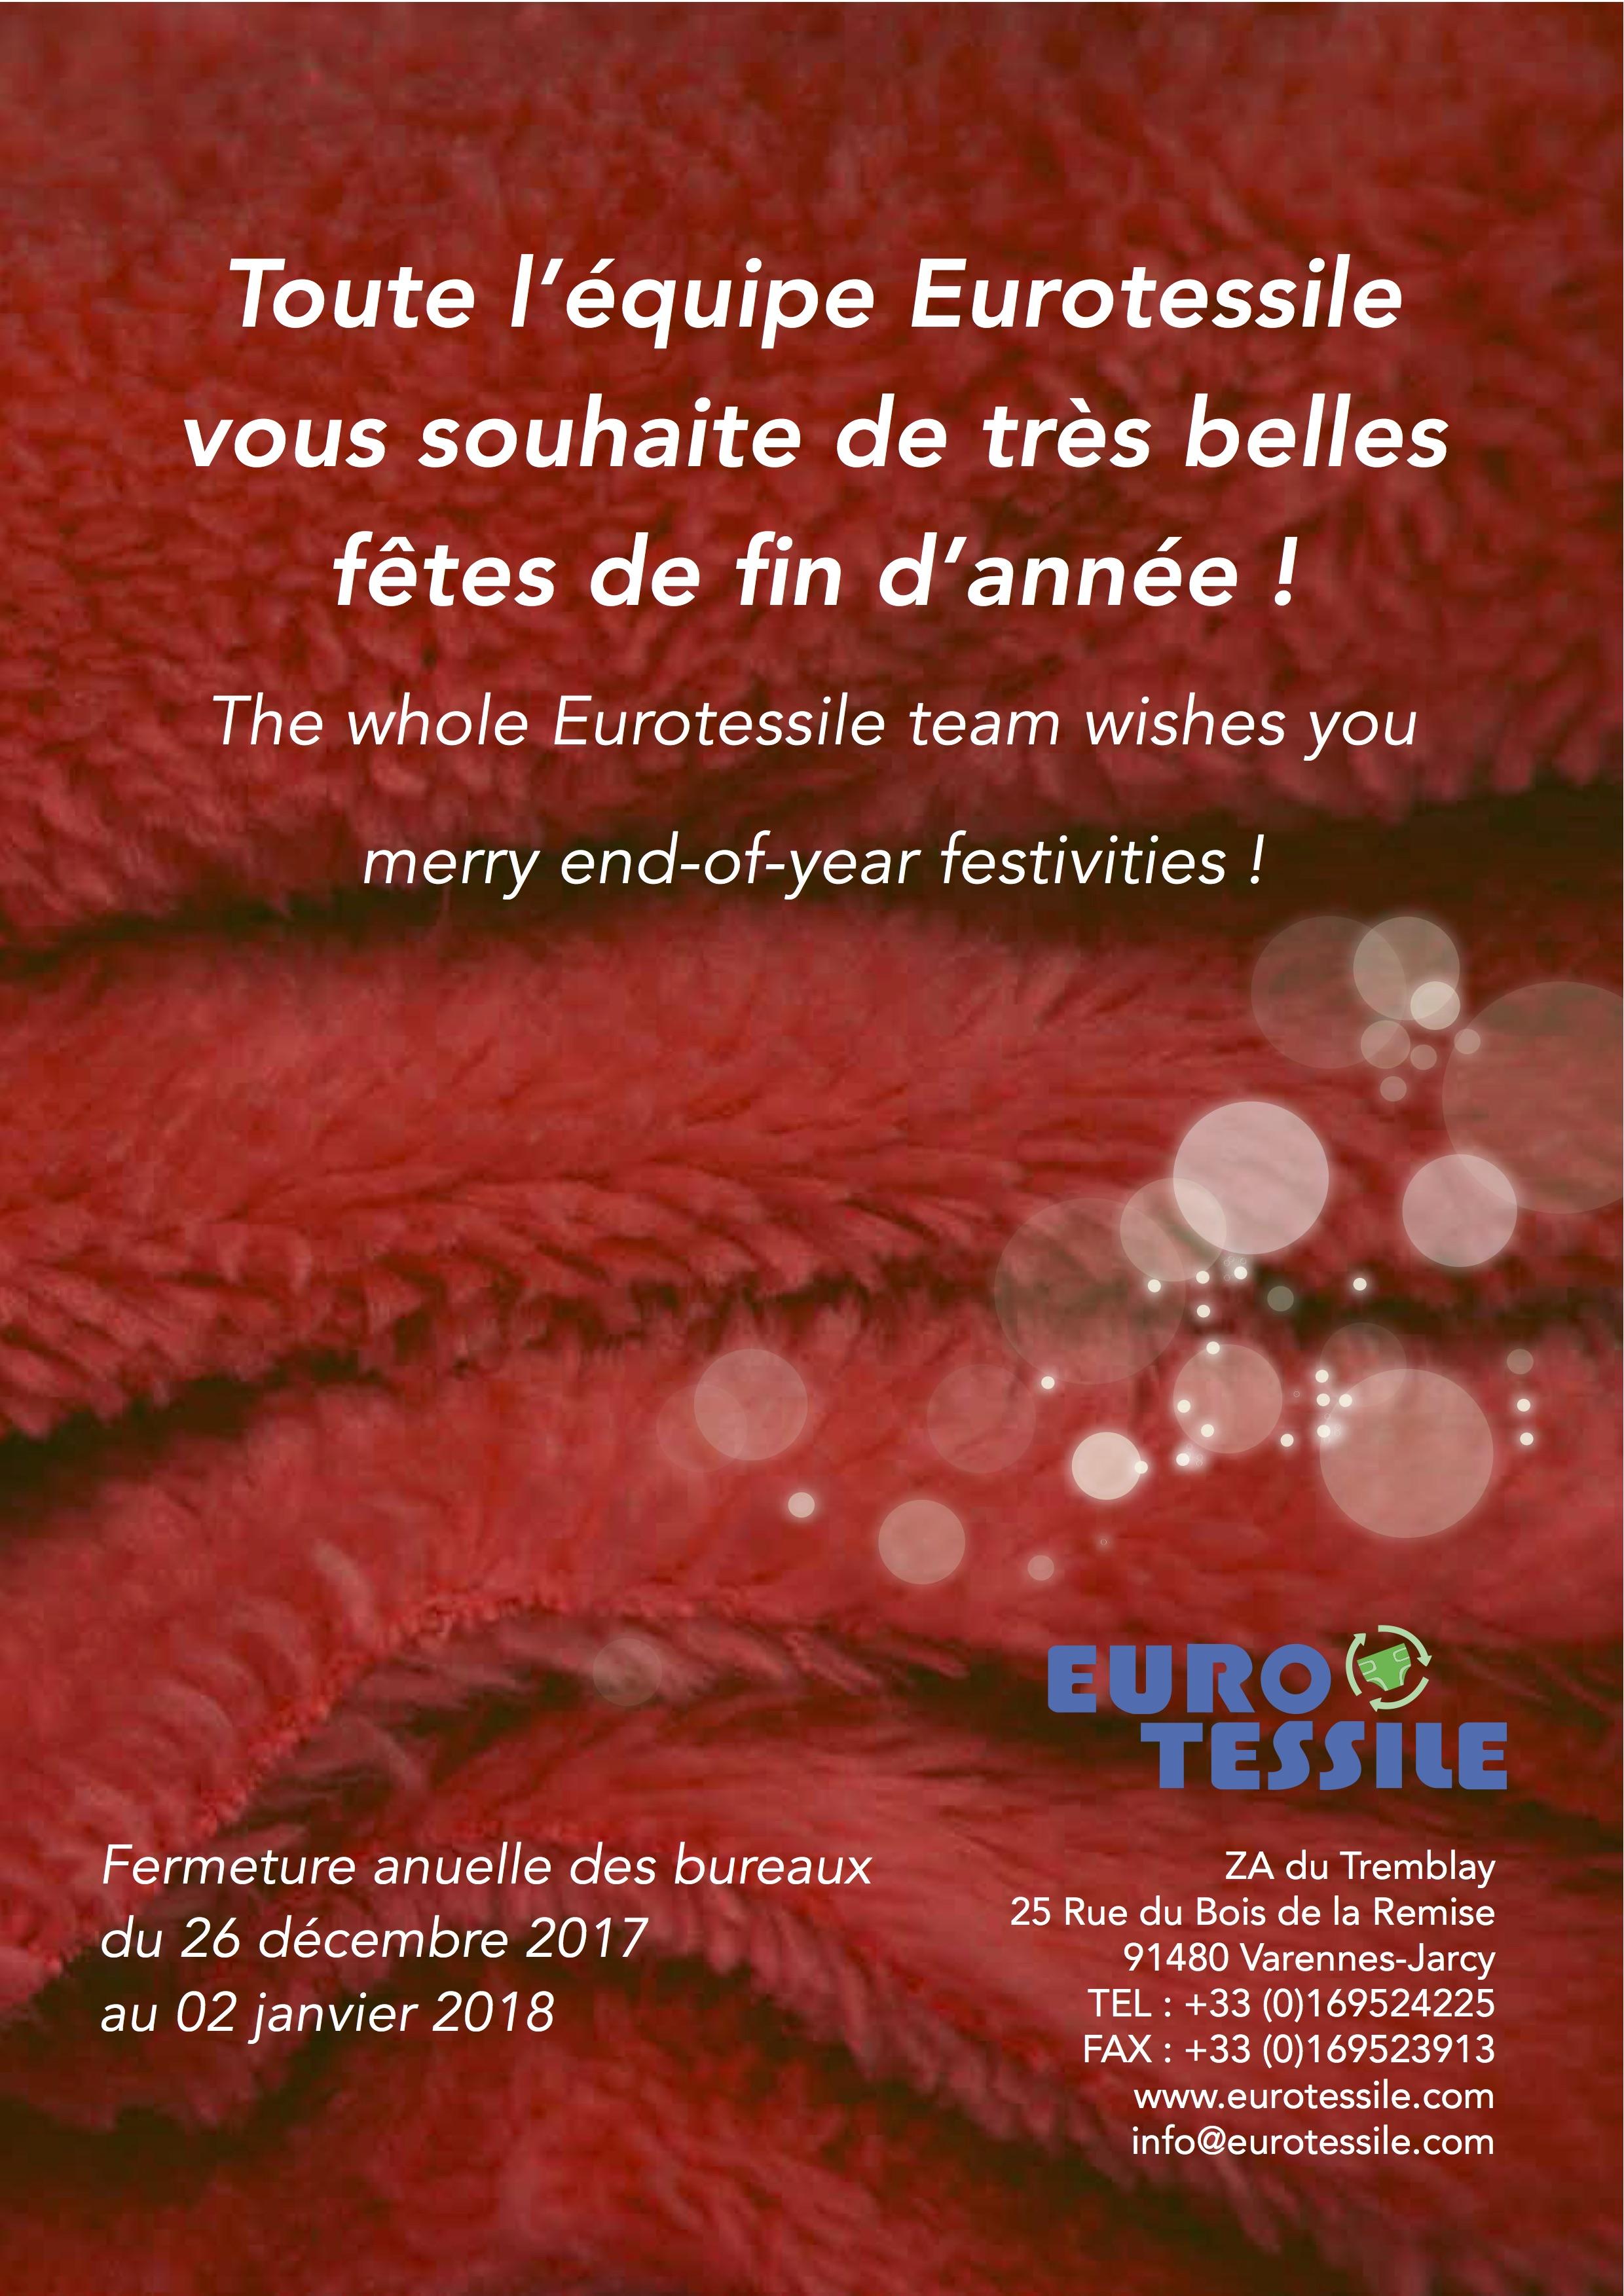 [12.2017] Eurotessile Vous Souhaite De Belles Fêtes De Fin D'année !